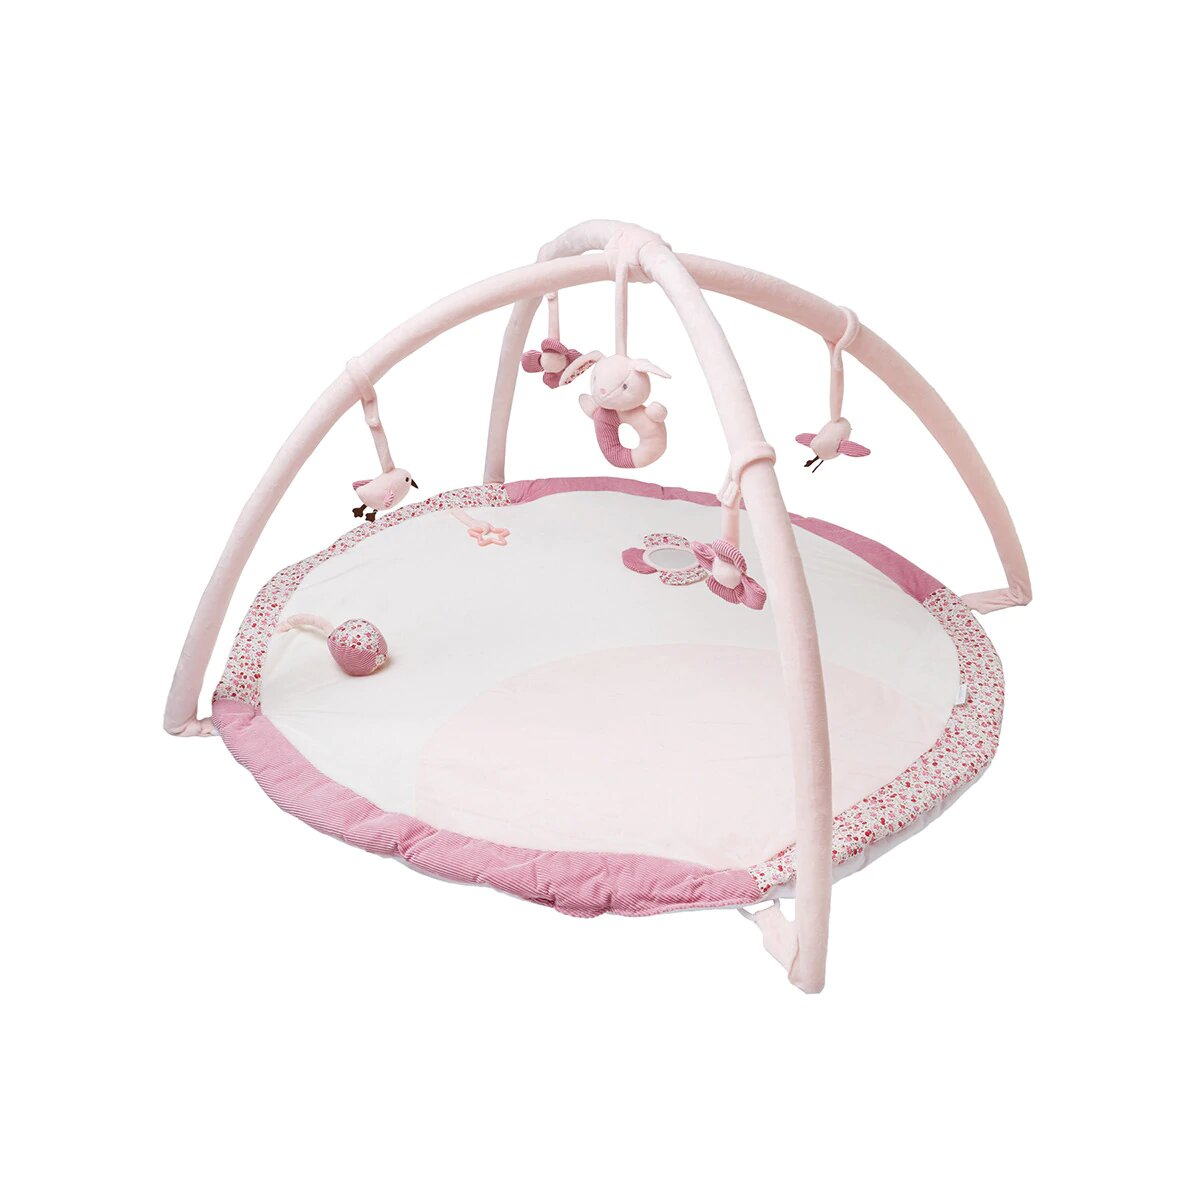 Gimnasio para bebés Cotton Juice Baby Home con Arco de juegos rosa